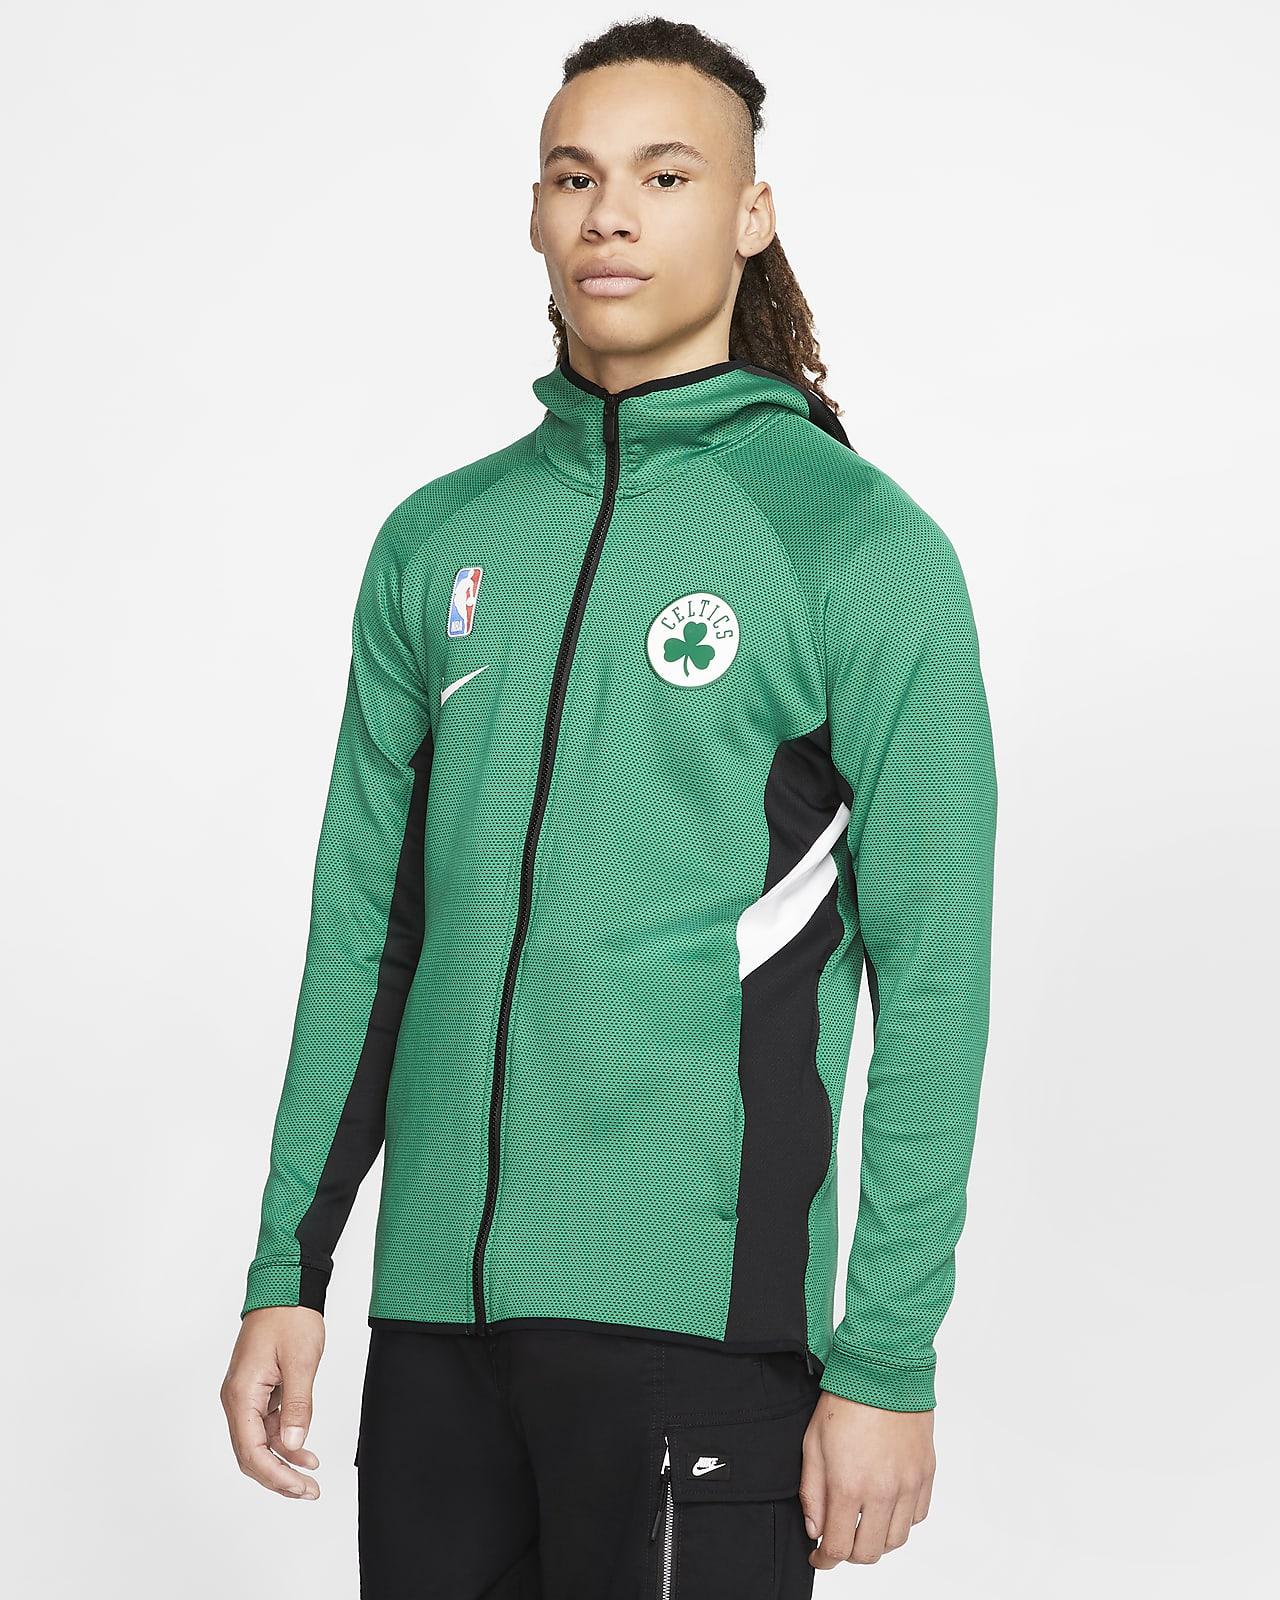 Boston Celtics Nike Therma Flex Showtime Sudadera con capucha de la NBA - Hombre